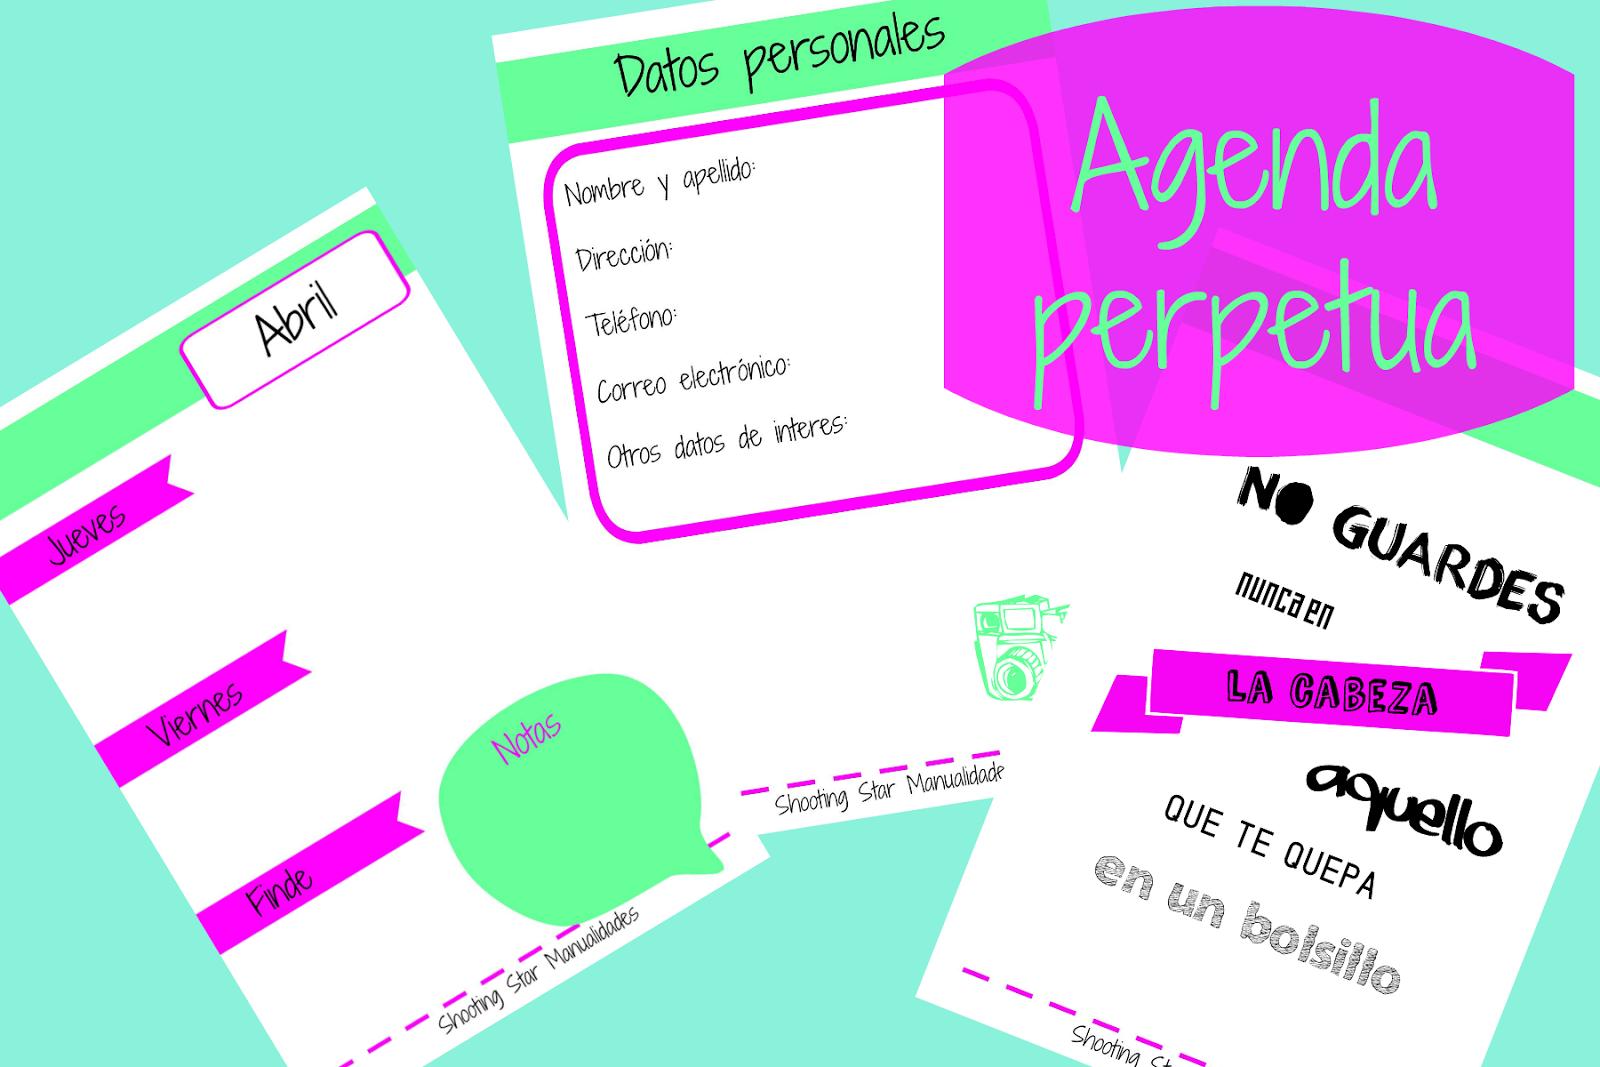 Imprimibles de agendas 2016 gratis 5 agendas imprimibles - Agenda imprimible 2017 ...